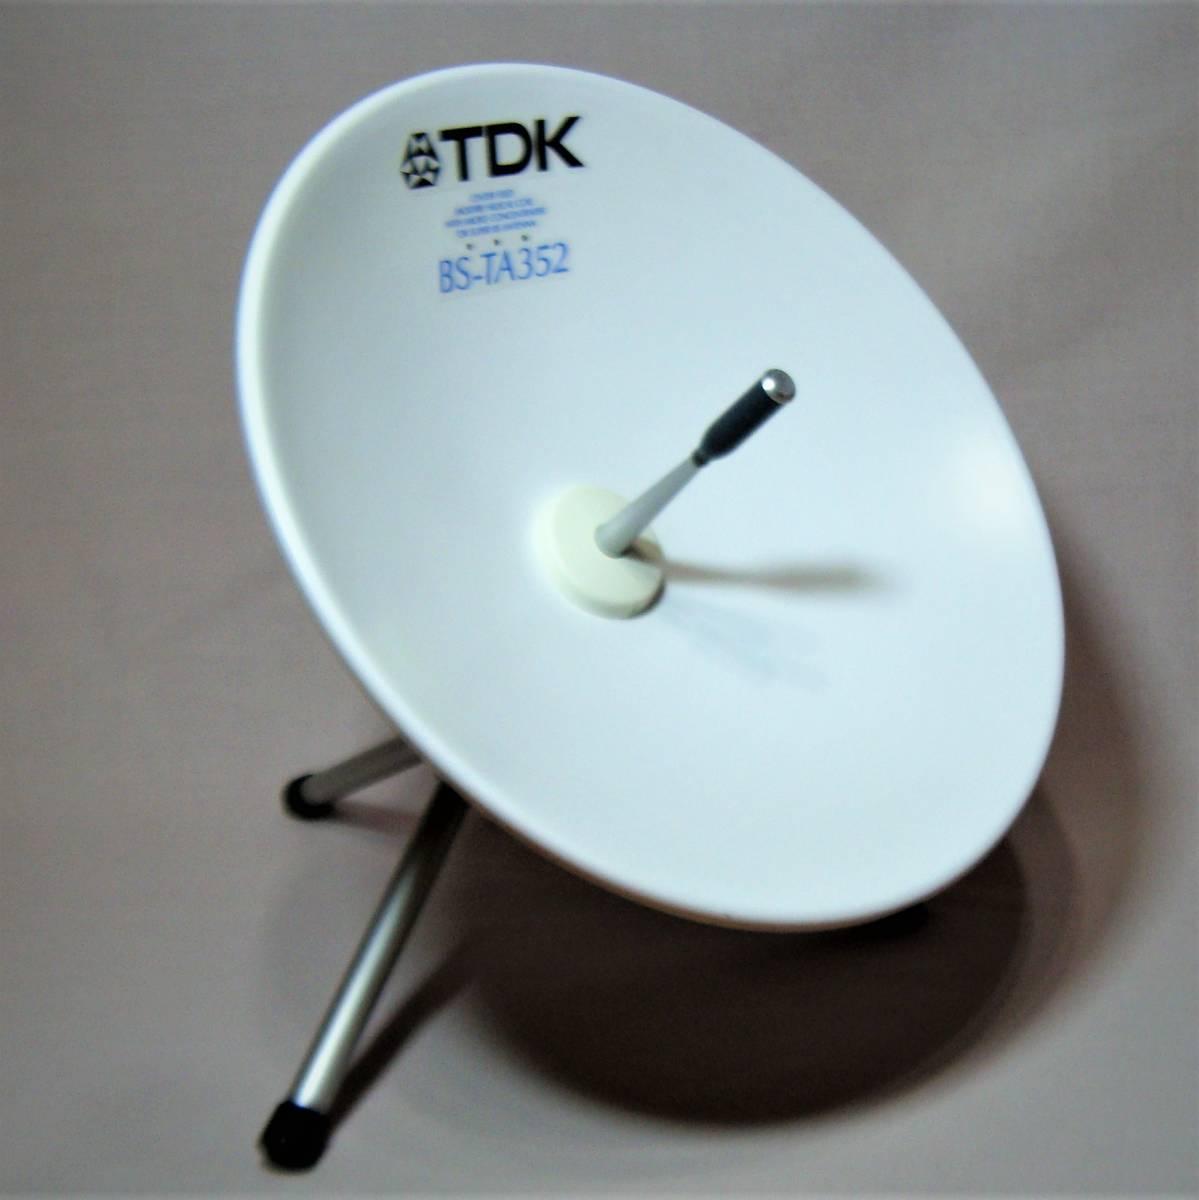 TDK センターフィード型BSアンテナ BS-TA352・三脚・同軸ケーブル付(美品) _画像9